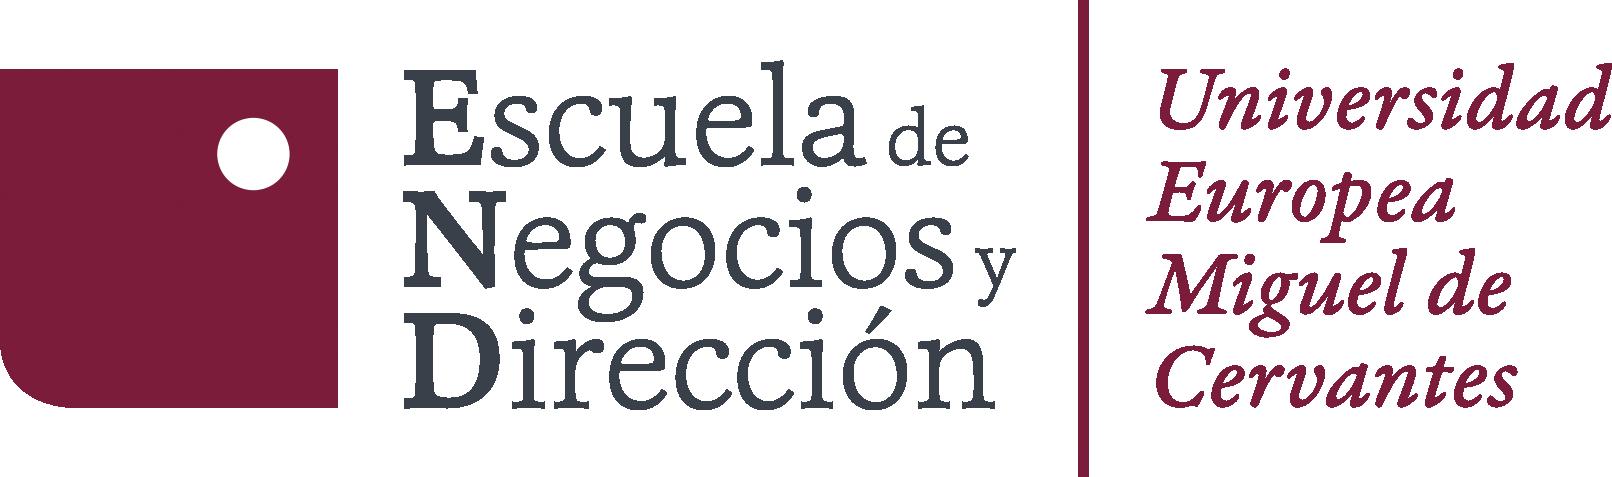 ESCUELA DE NEGOCIOS Y DIRECCIÓN